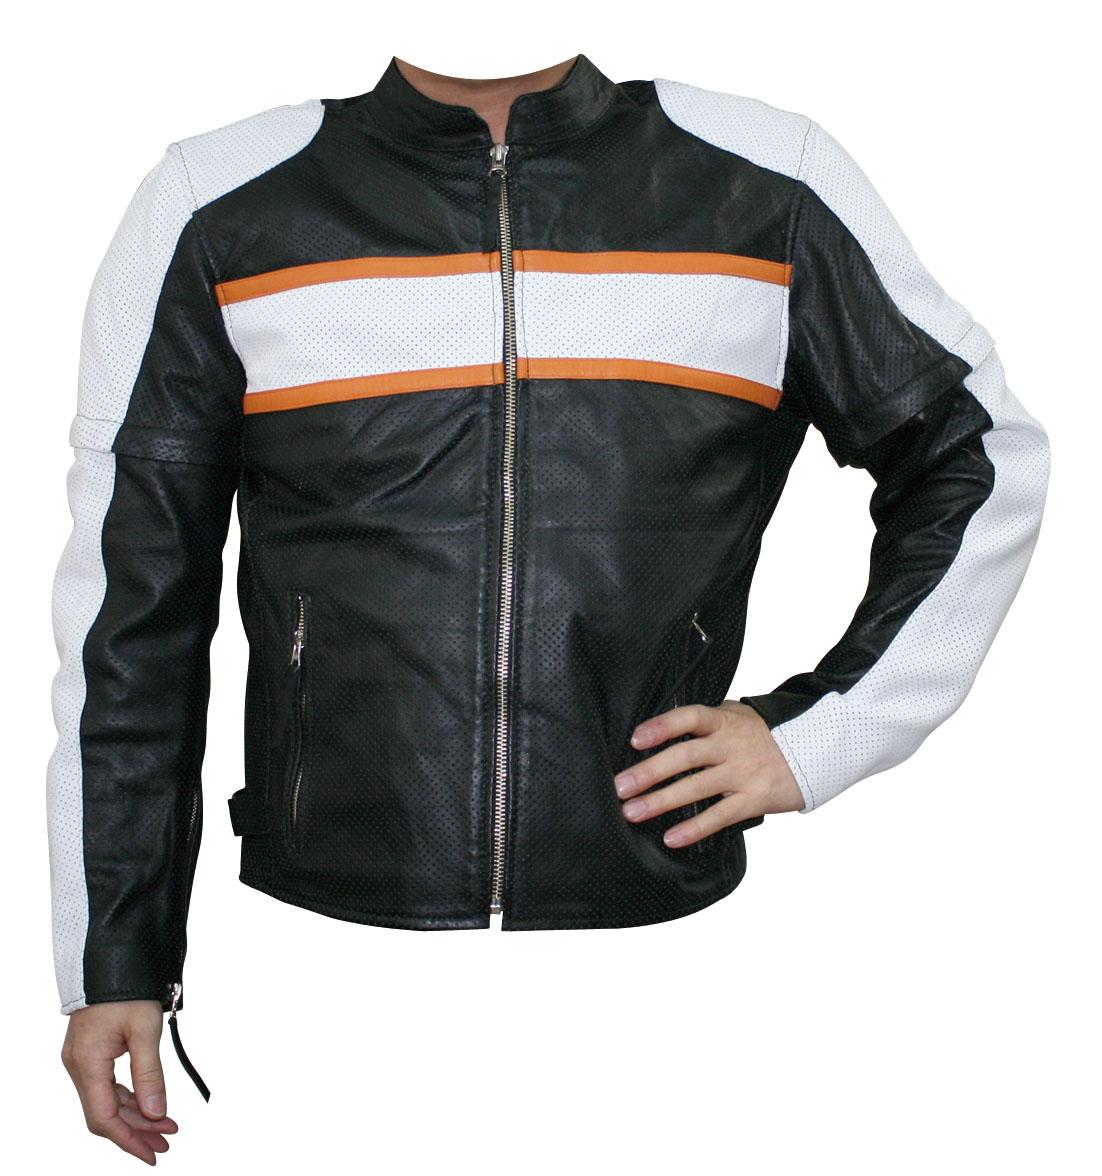 モトフィールド MOTO FIELD 春夏モデル シープパンチングレザージャケット 黒/白 Lサイズ MF-LJ019P HD店